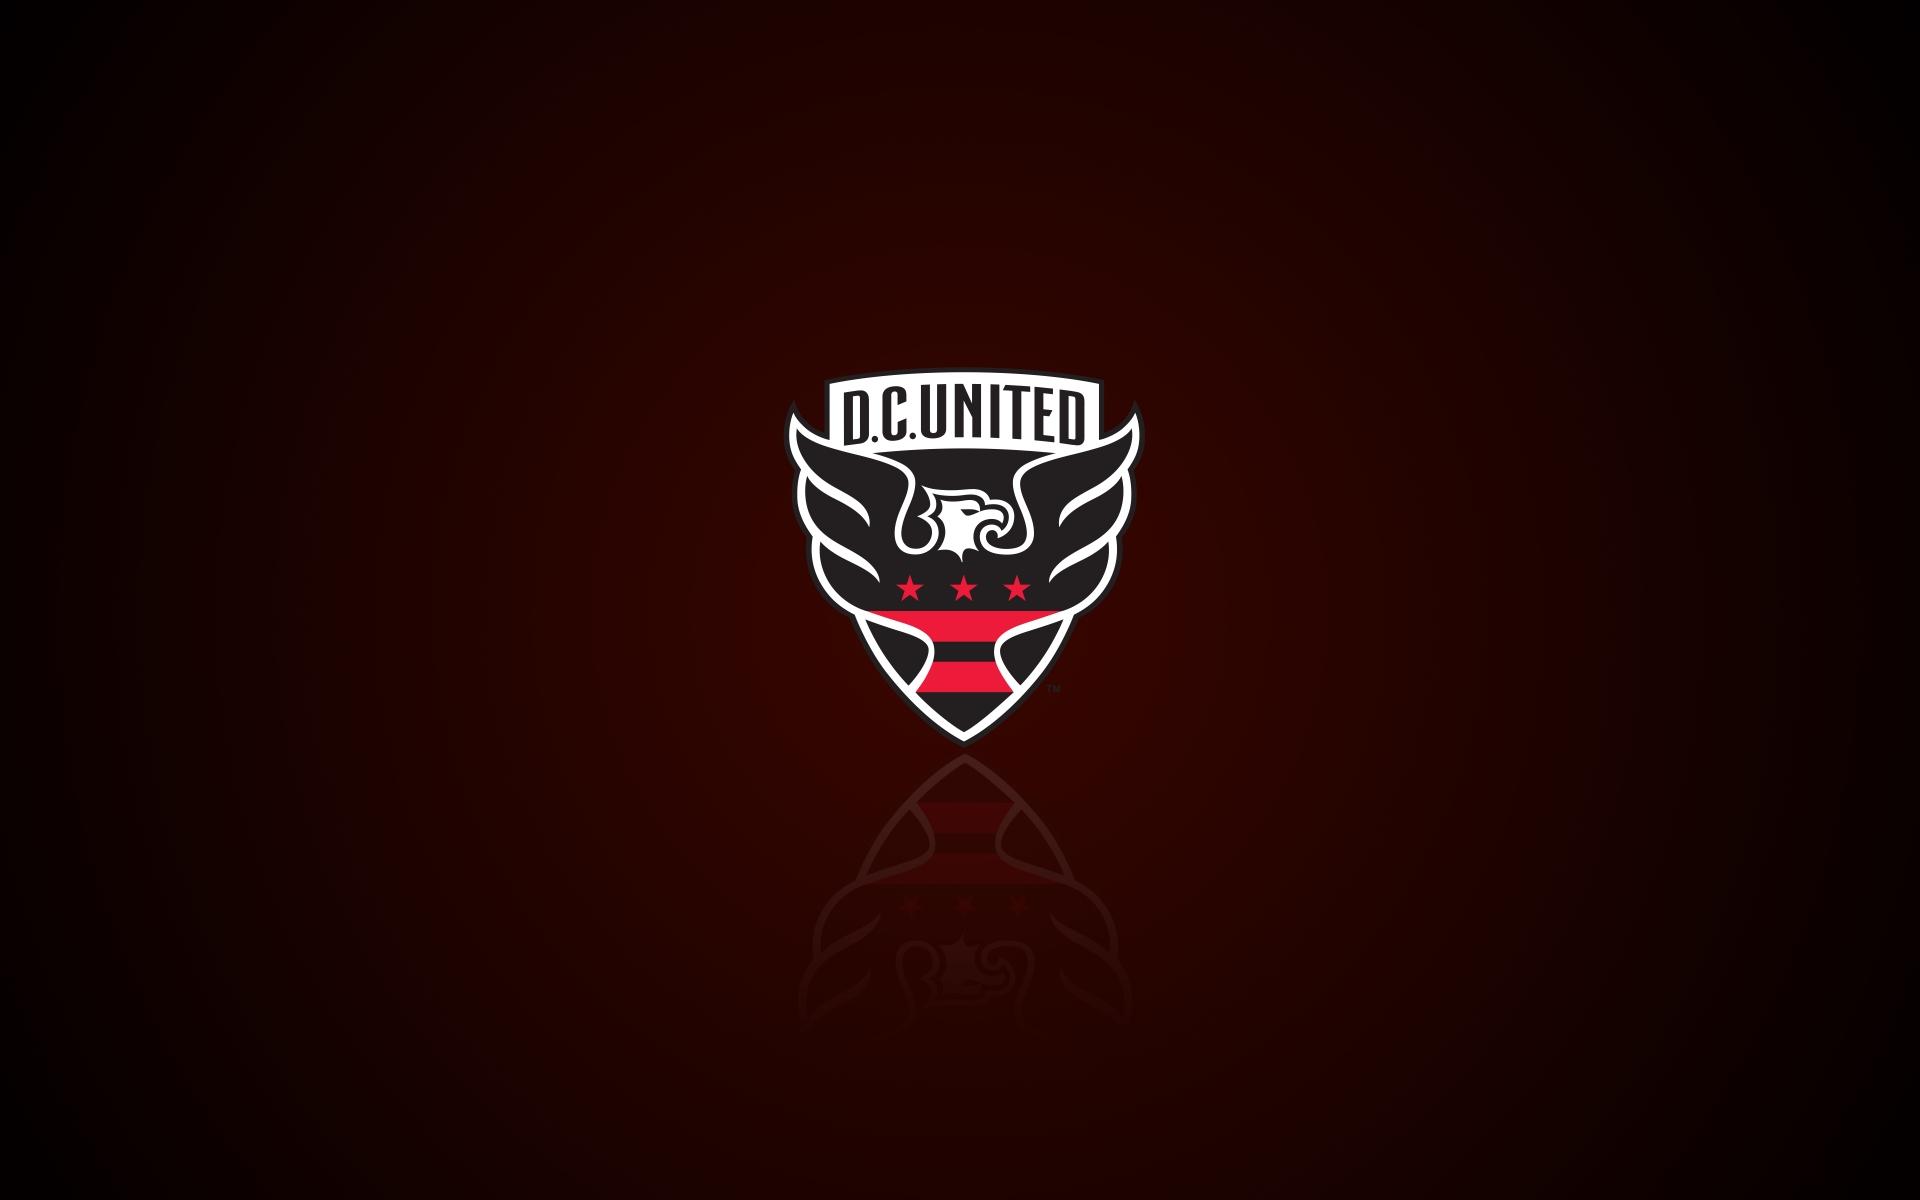 D.C. United.